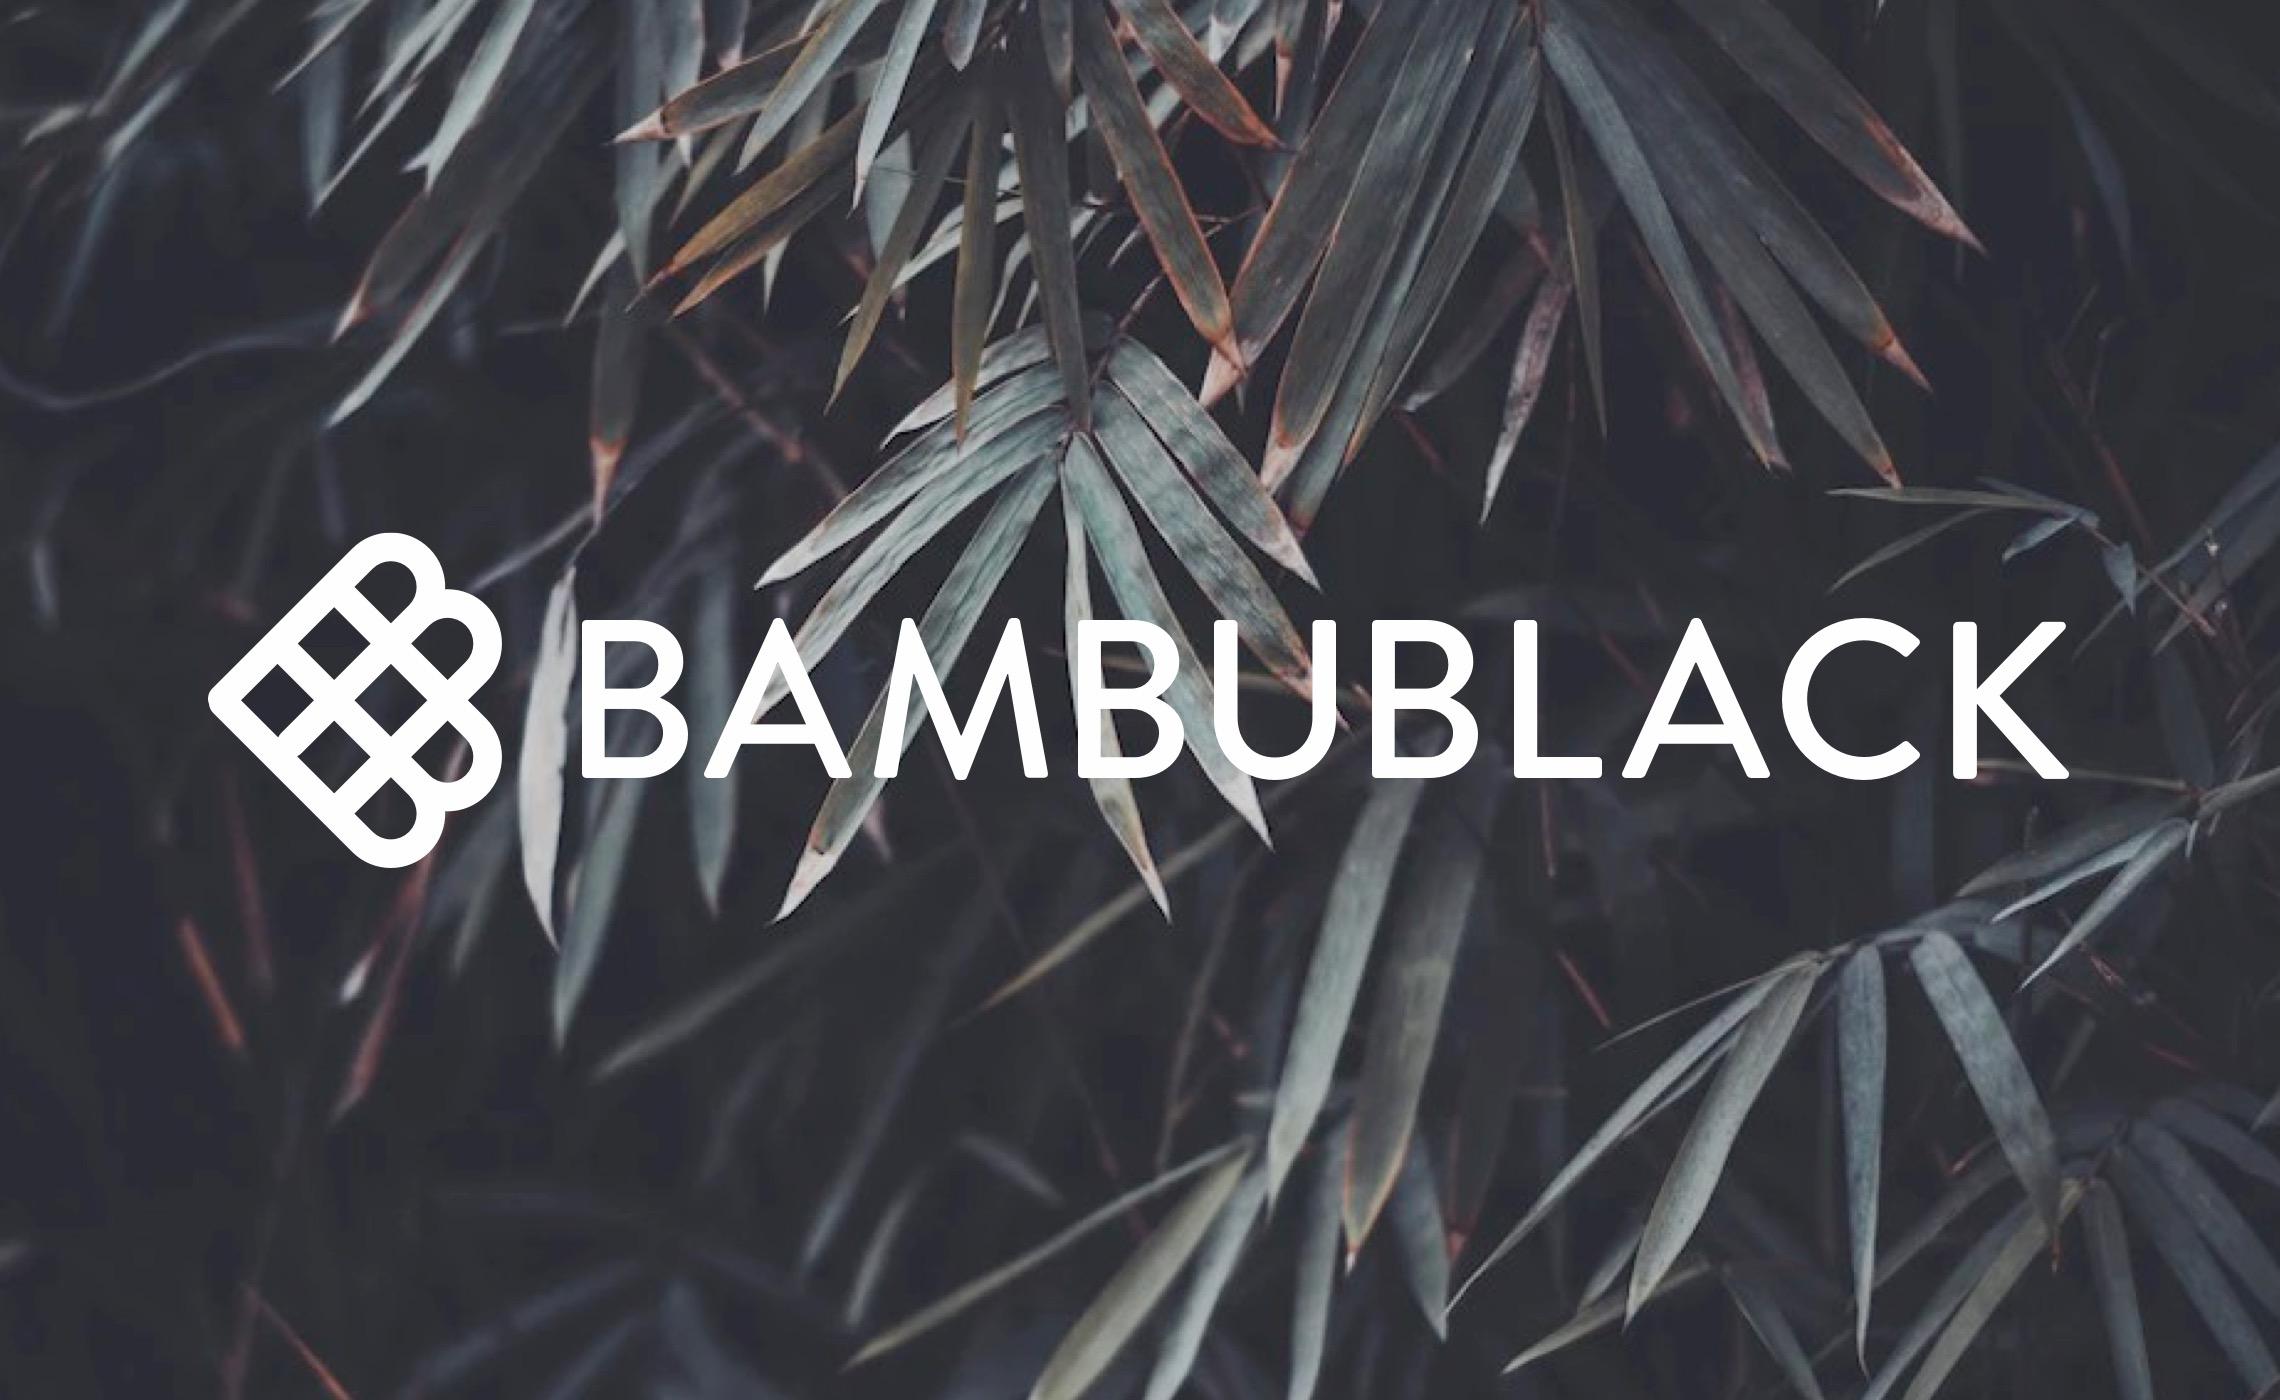 BambuBlack - white logo